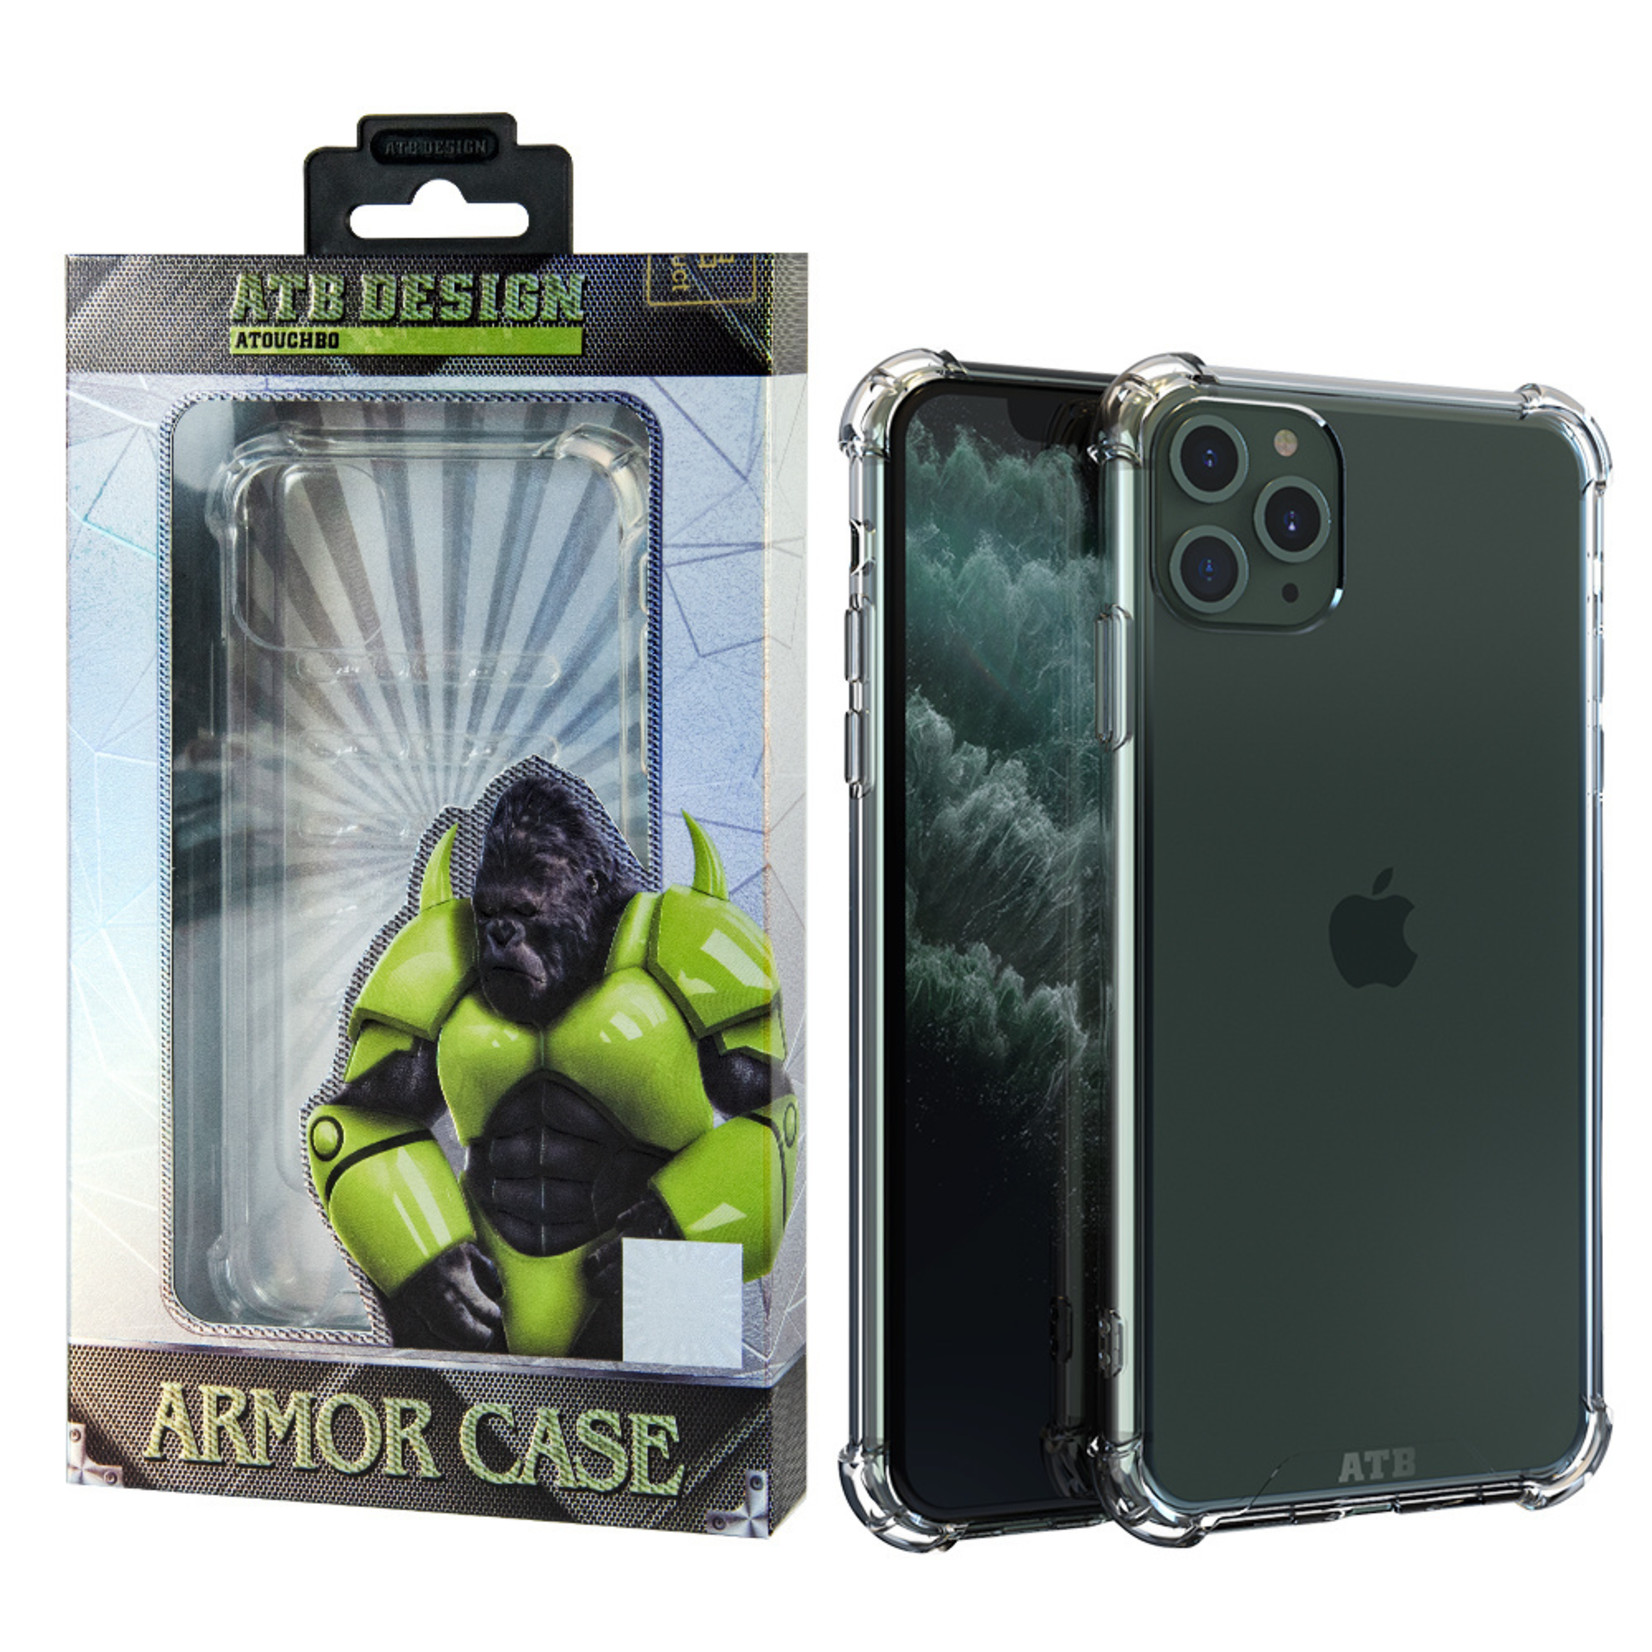 ATB Design Anti Shock Case TPU+PC iPhone 11 Pro Max (6.5)